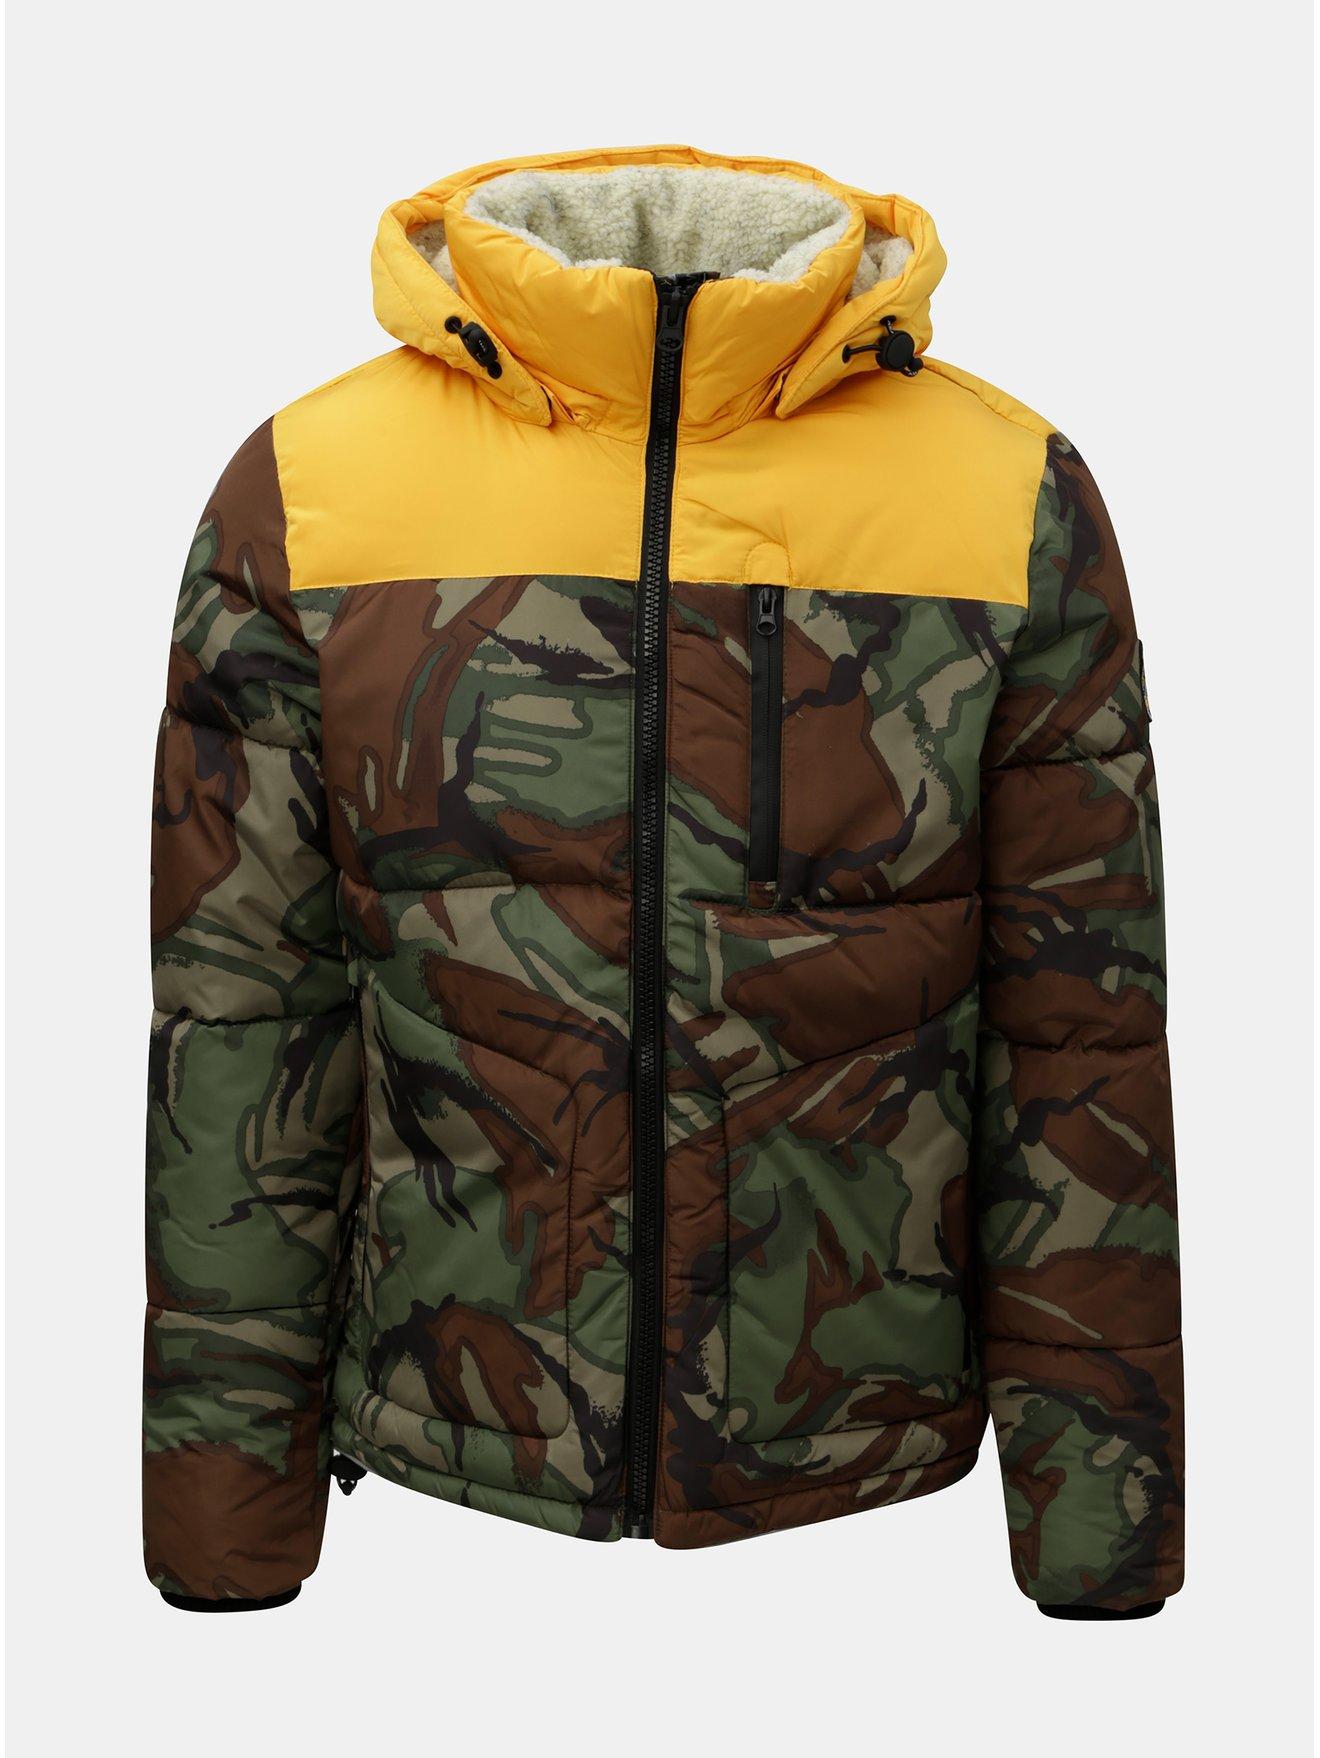 Zeleno-hnědá pánská zimní maskáčová bunda s umělým kožíškem v kapuci Superdry Expedition